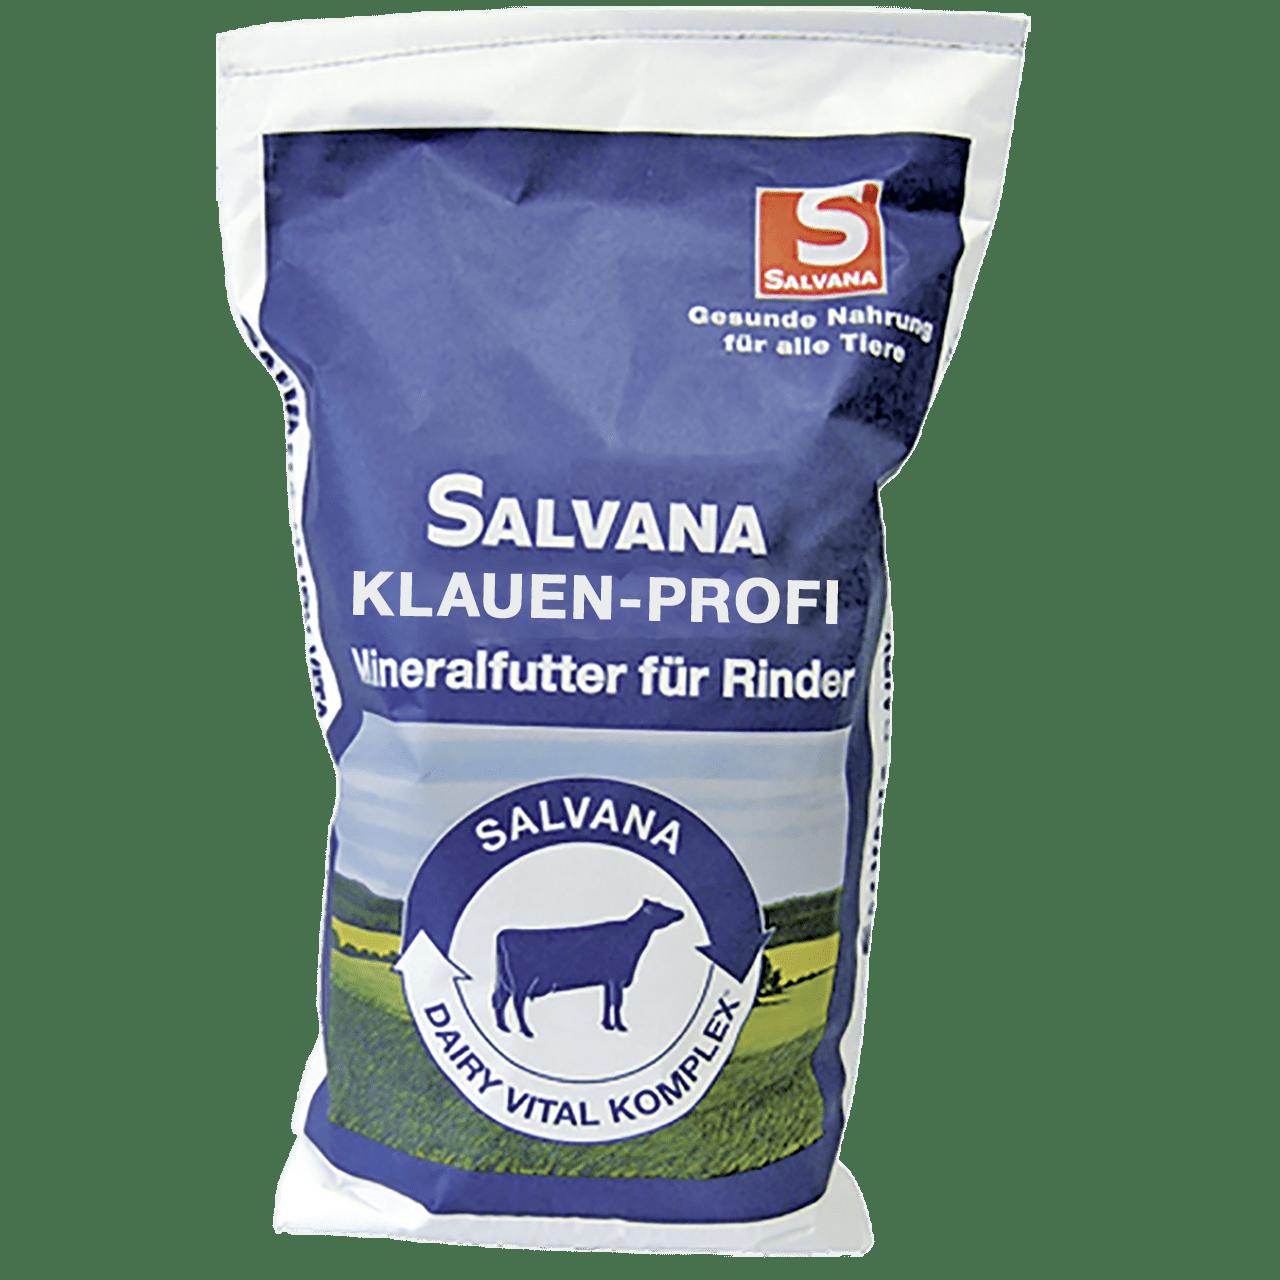 SALVANA KLAUEN-PROFI